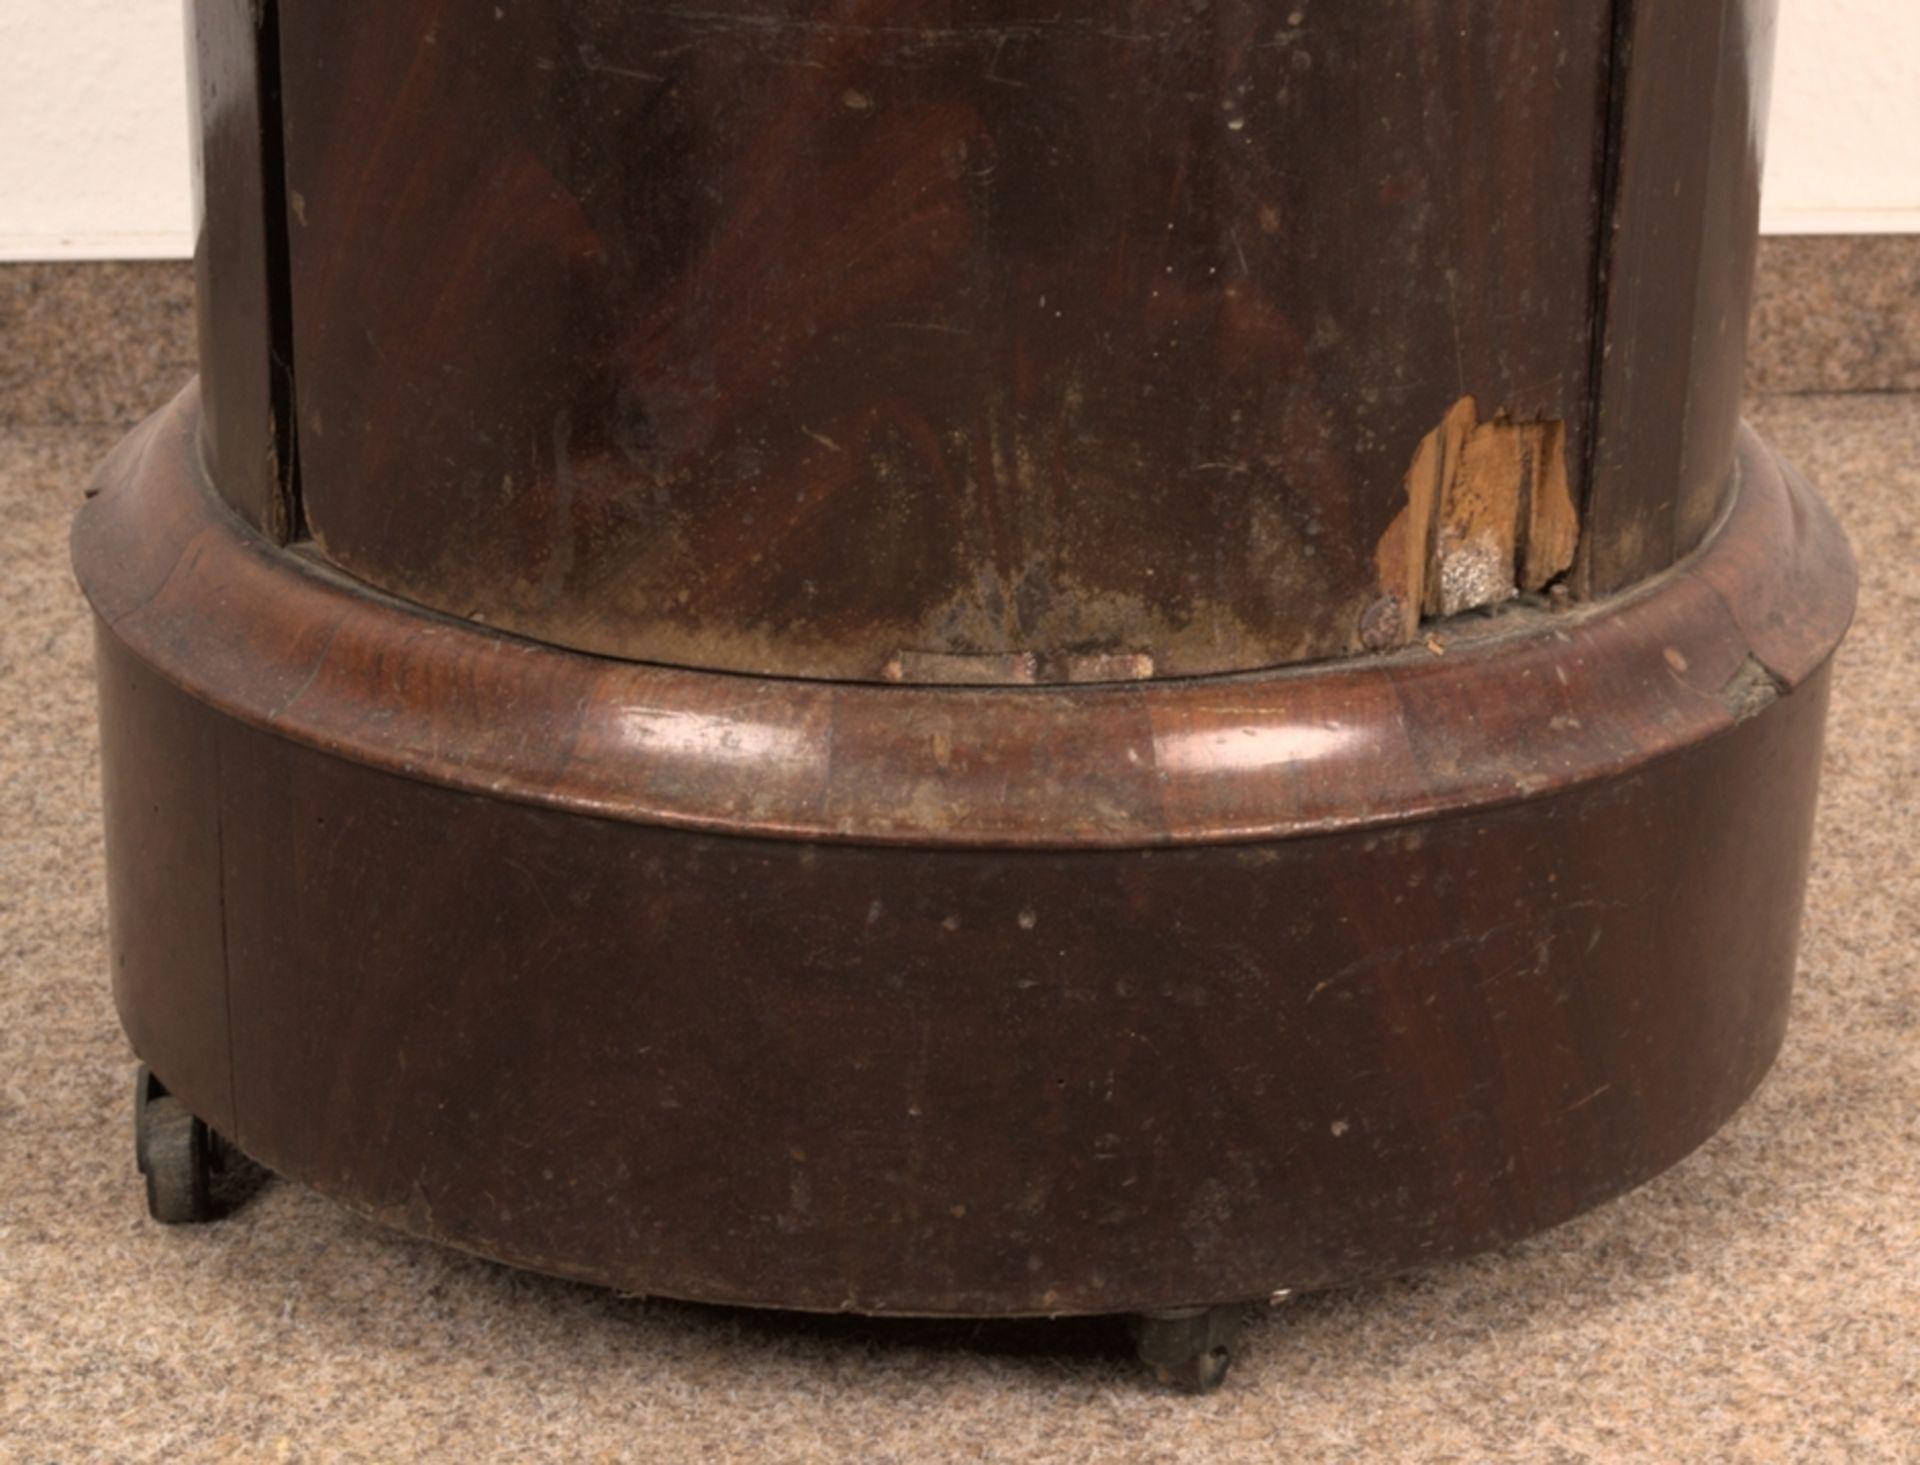 Antiker Säulenschrank/Trommelschrank, Biedermeier/Charles X, Frankreich 19./20. Jhd. Auf - Bild 4 aus 7